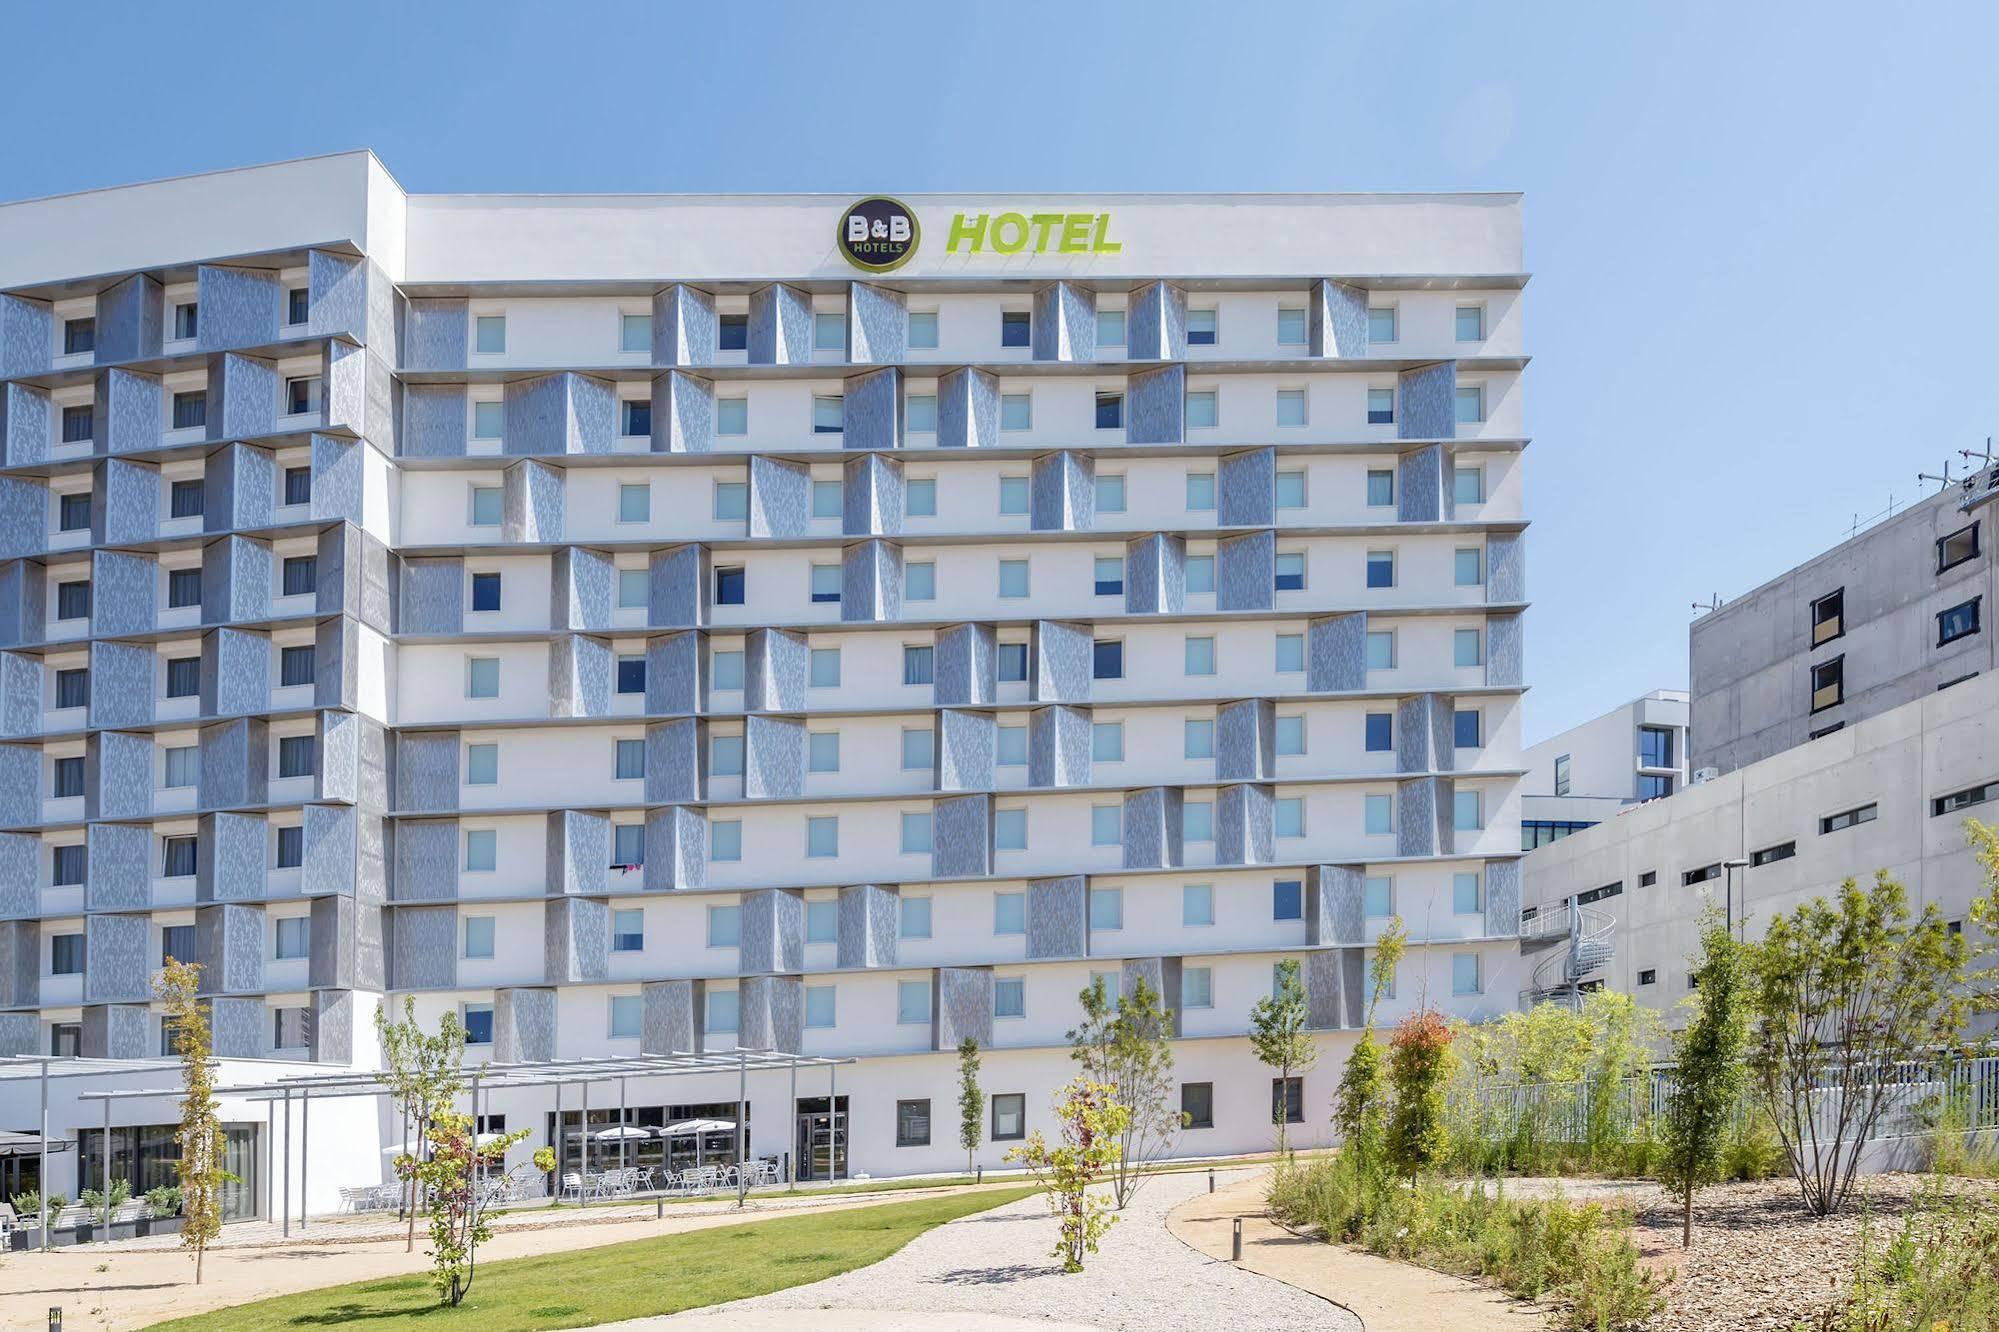 B&B Hotel Marseille Prado Velodrome